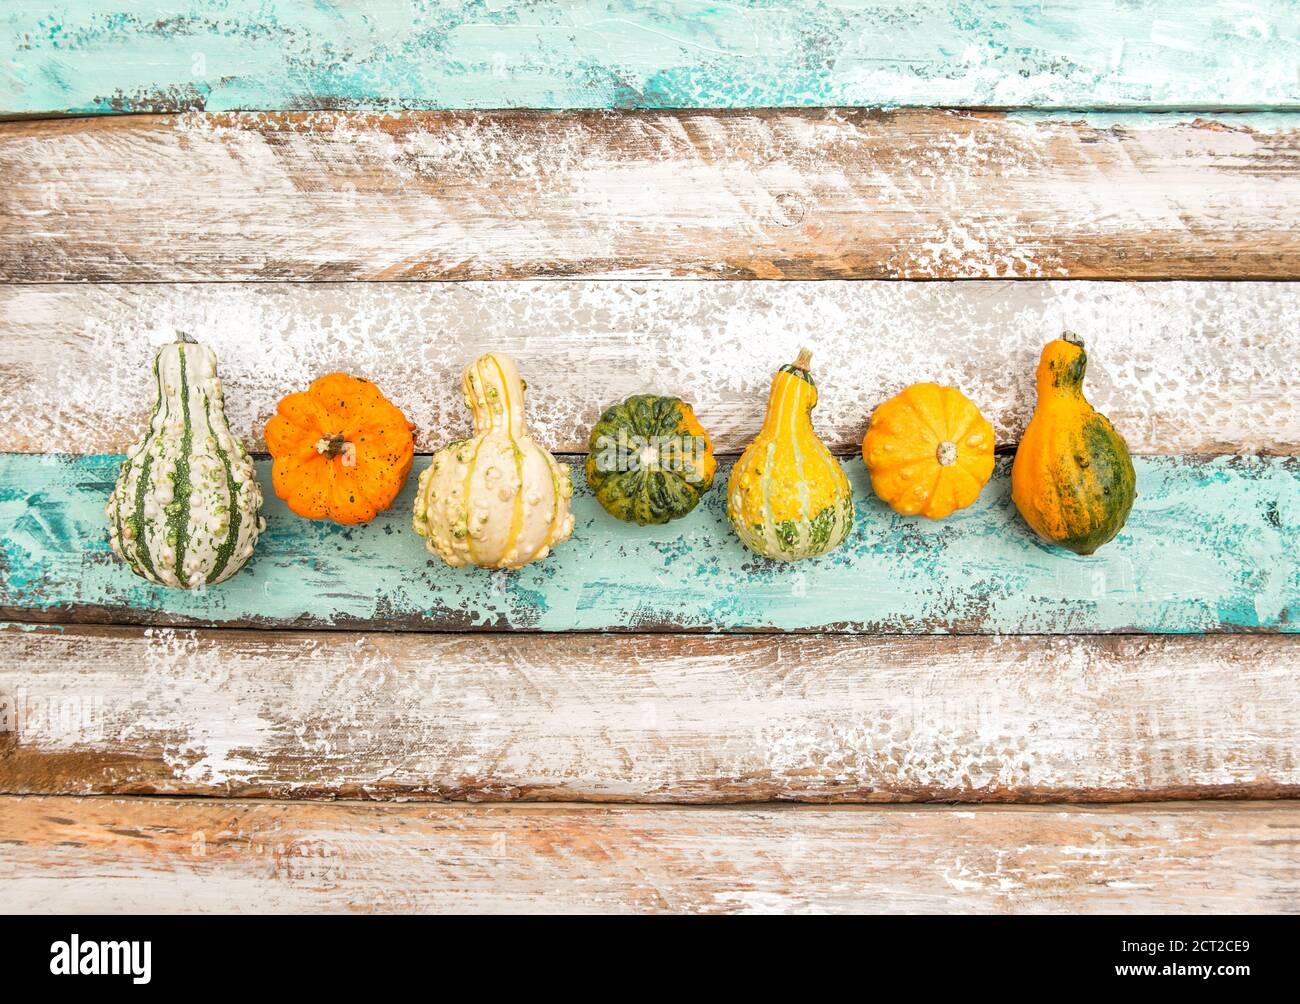 Herbst. Halloween. Erntedankfest. Kürbis auf Holzhintergrund Stockfoto